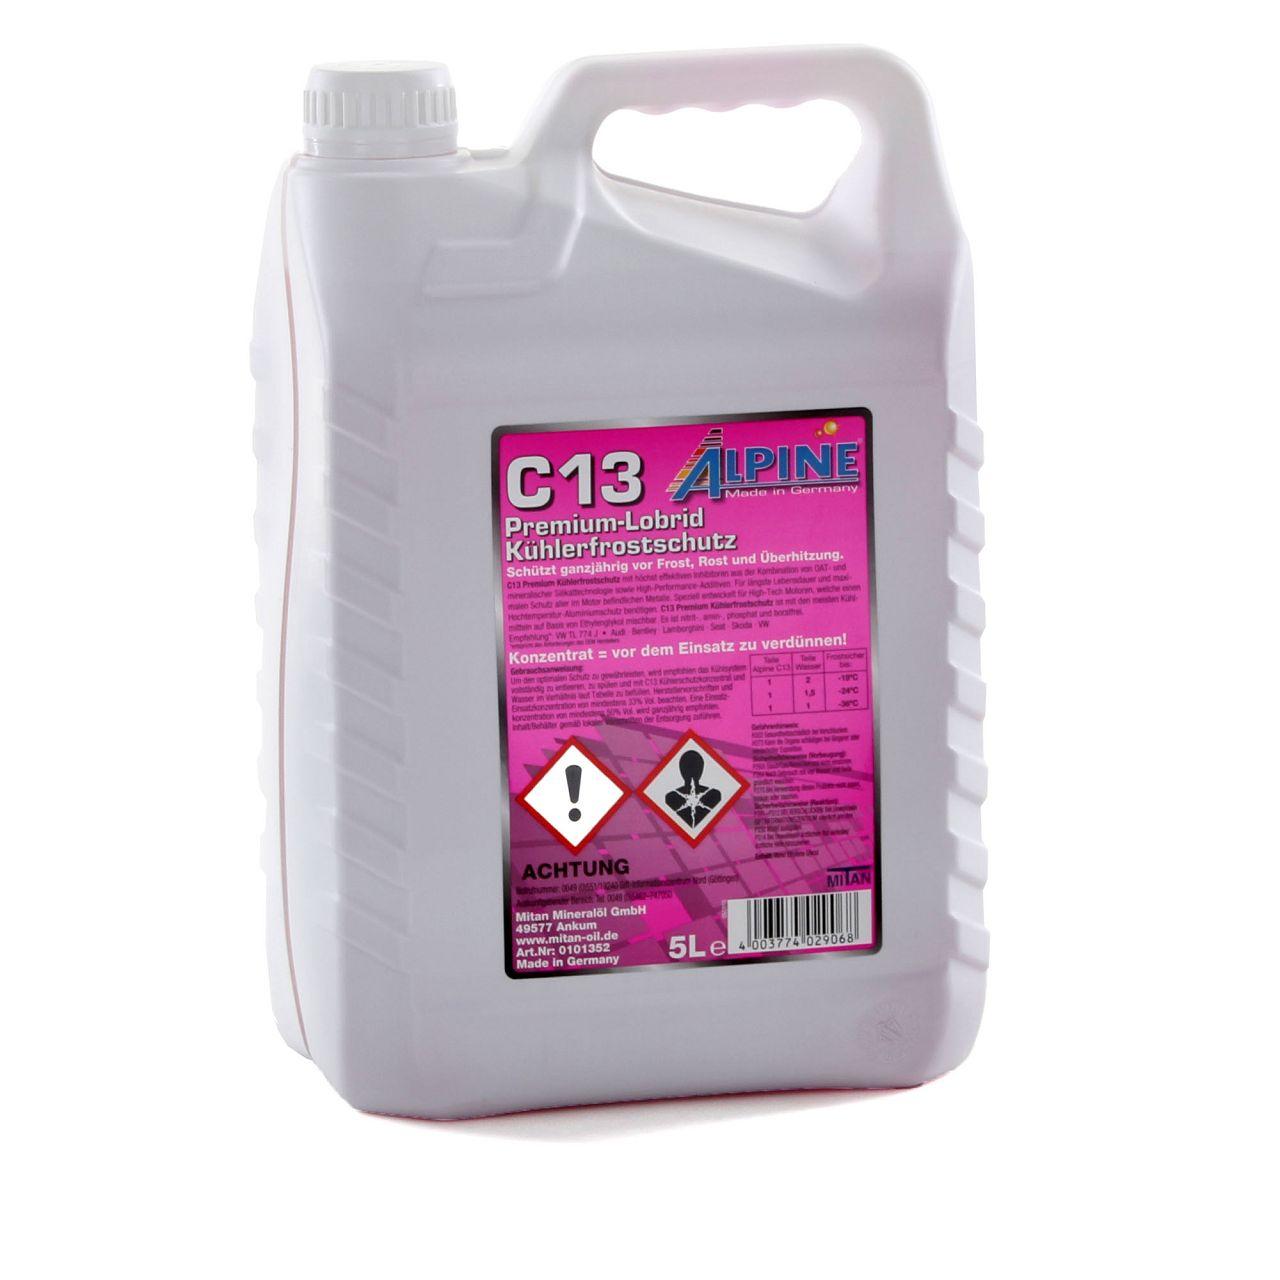 ALPINE Frostschutz PREMIUM Kühlerfrostschutz Konzentrat C13 G13 5L VIOLETT